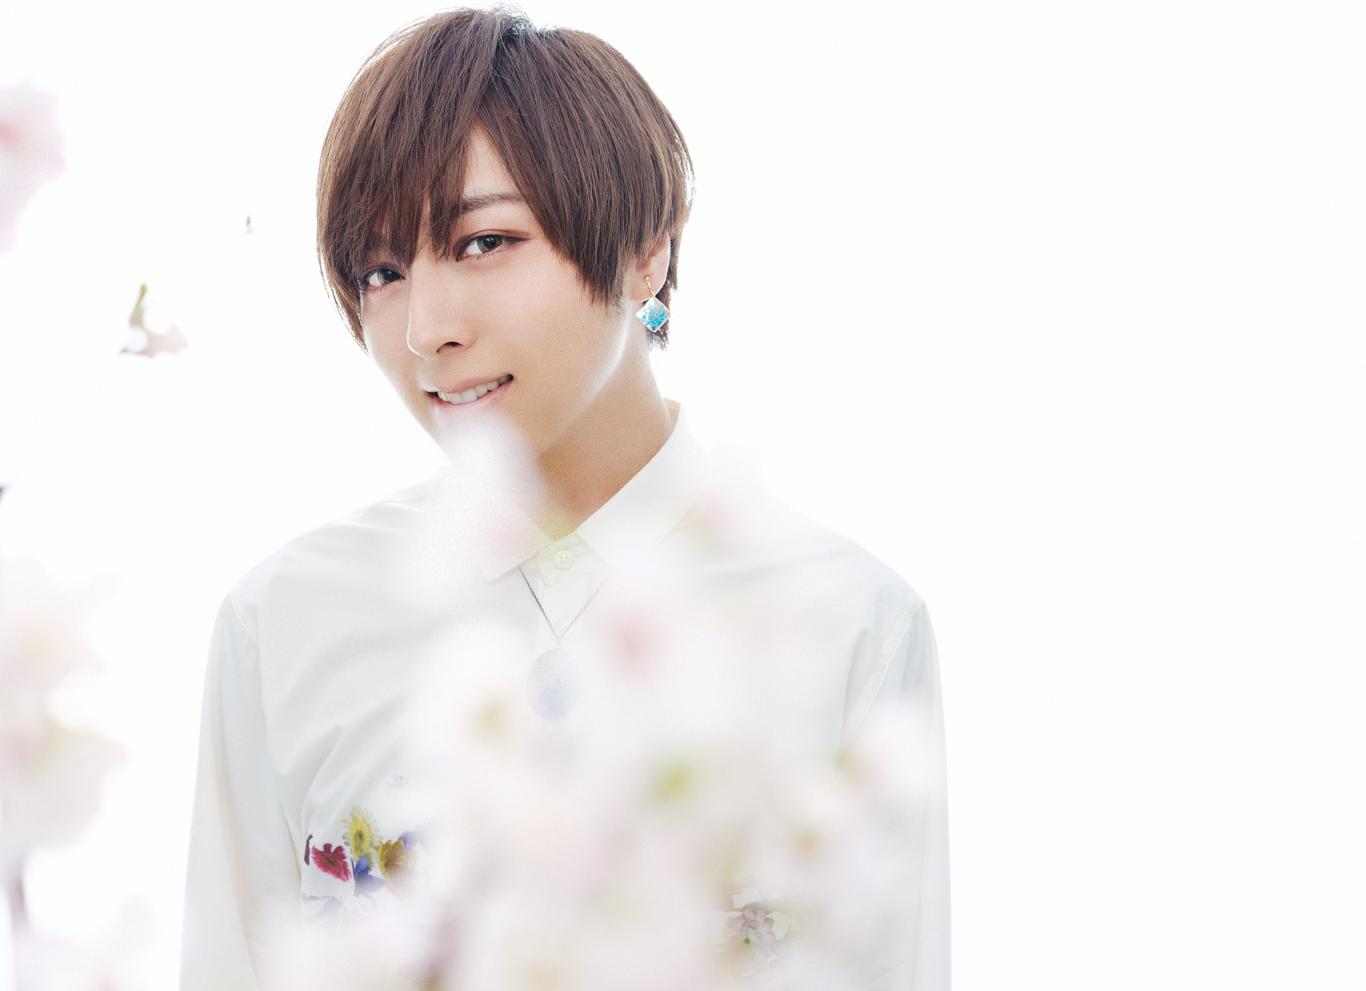 生まれ変わっても蒼井翔太でいたい——強くなった今だから語れる、音楽活動の原点